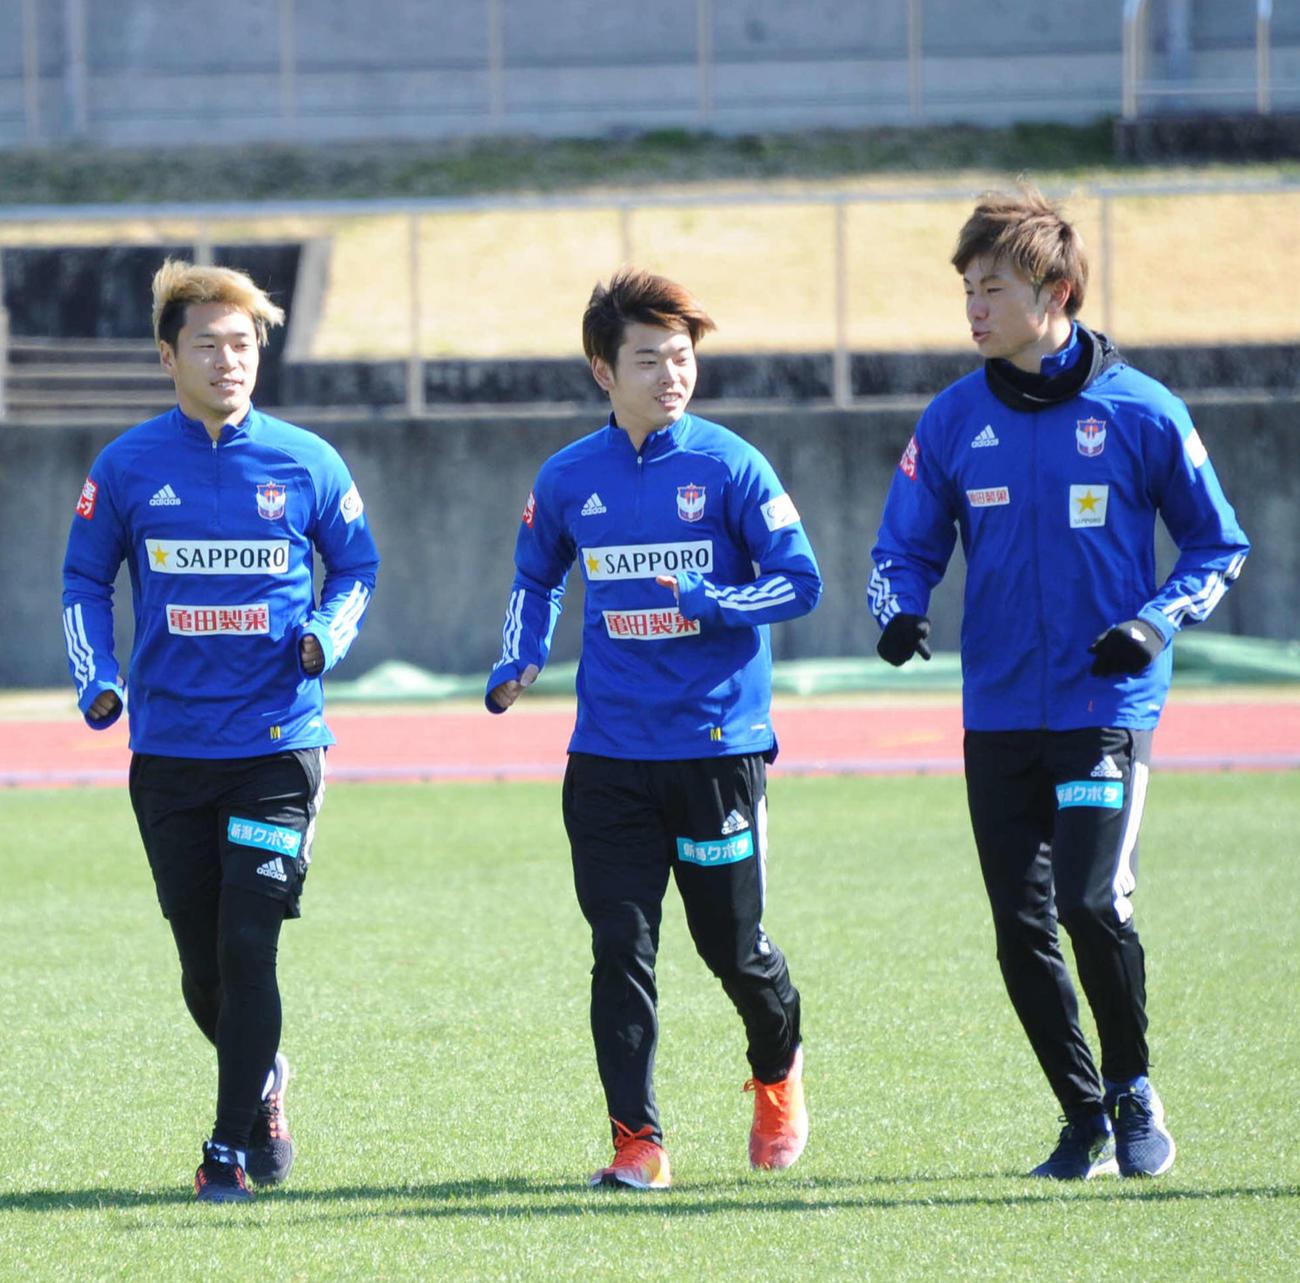 9日、堀米(左)はチームメートとリラックスした様子でランニング